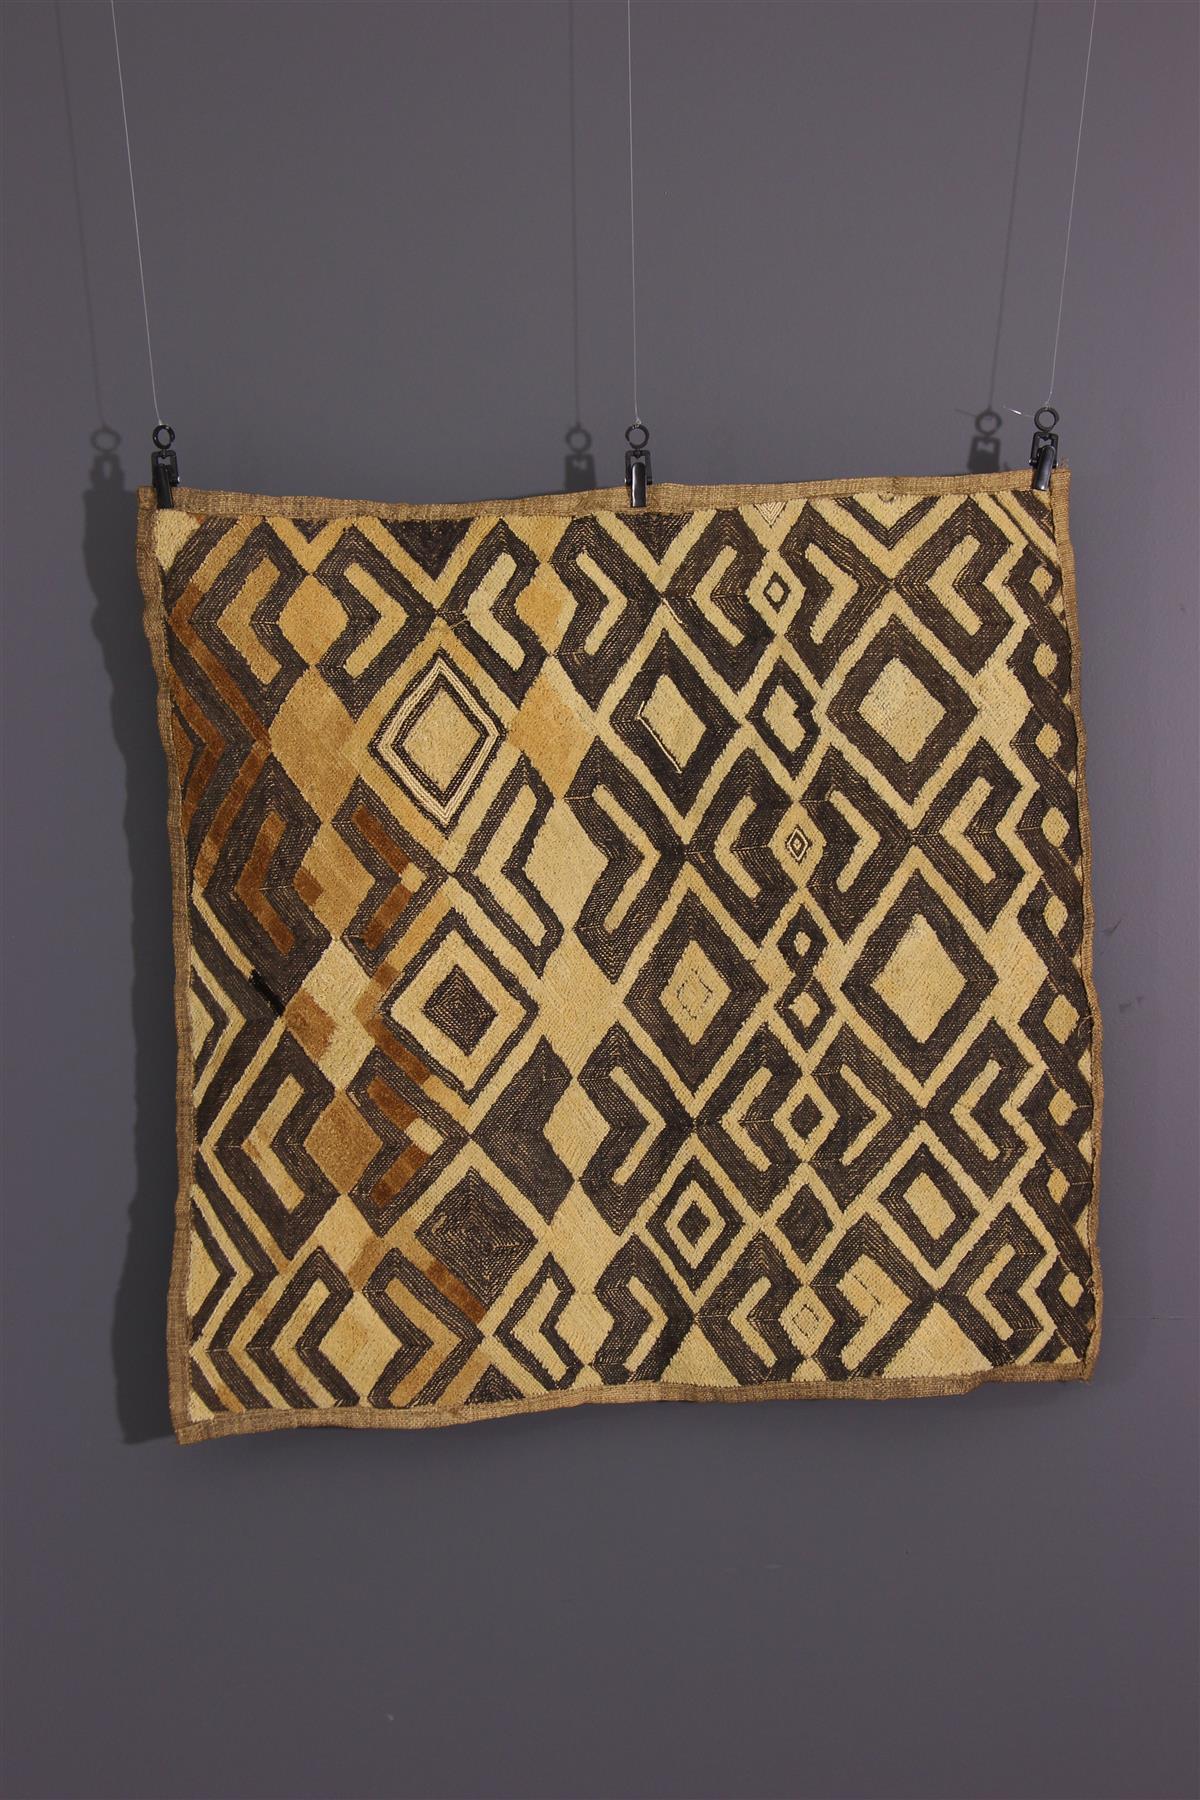 Velours du Kasaï - Art africain